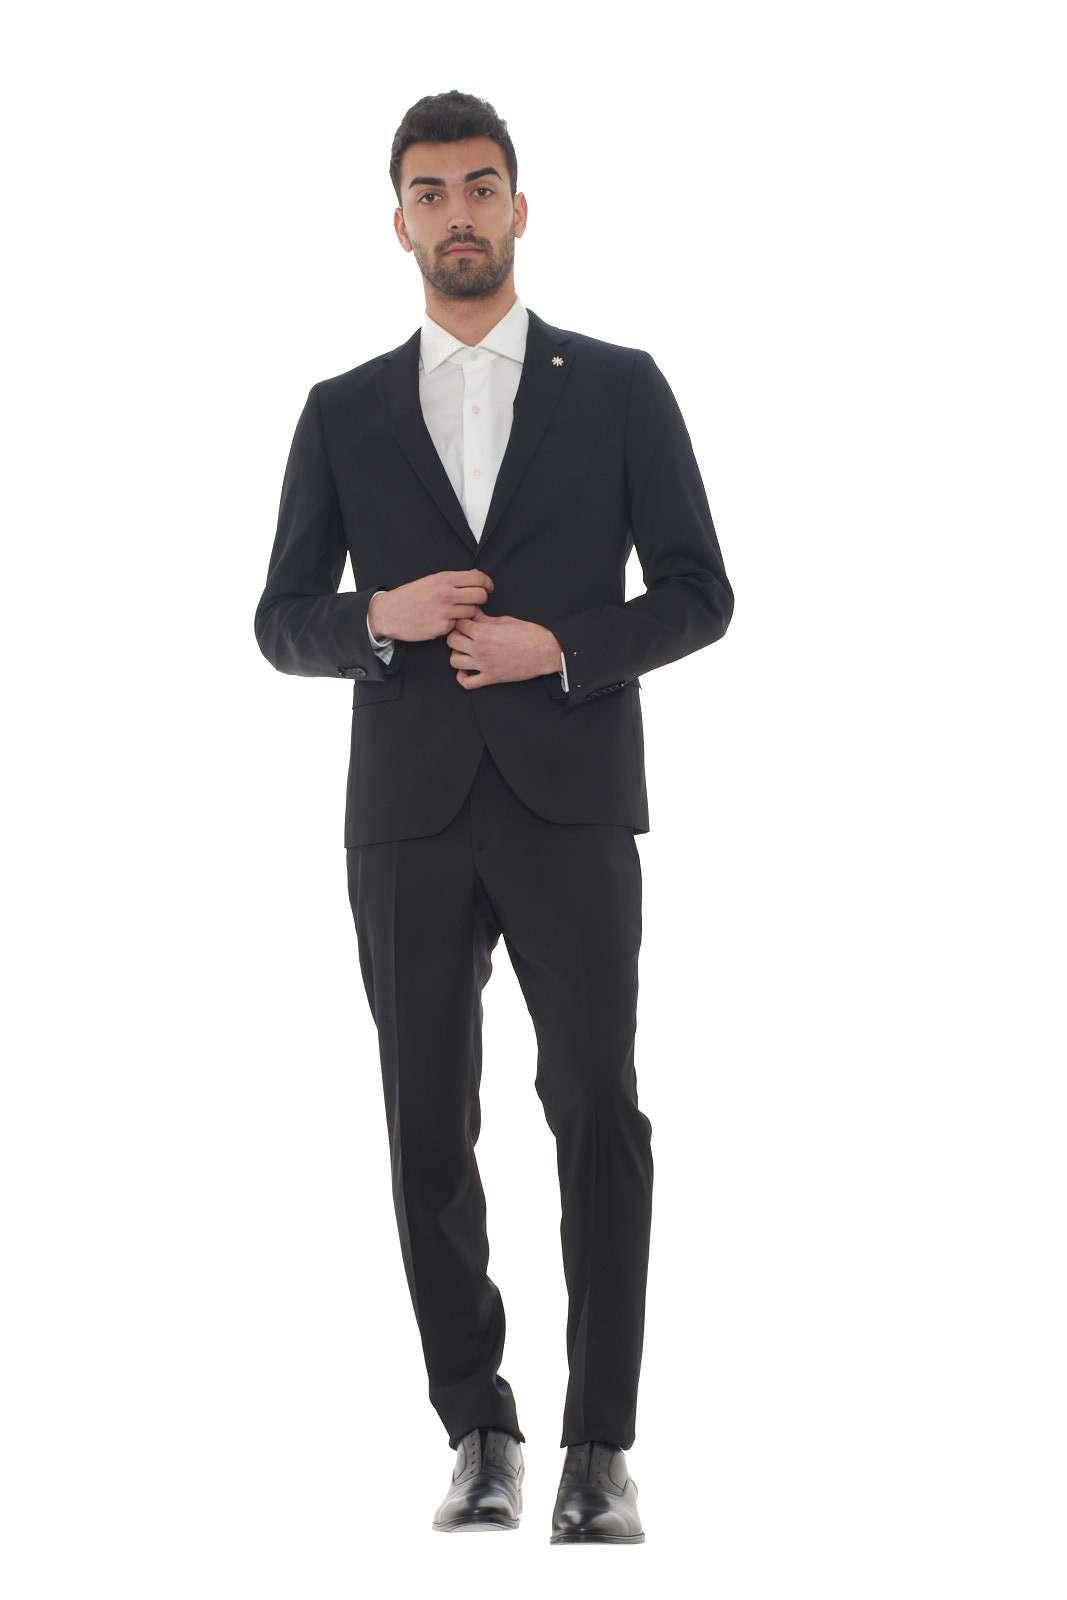 Un abito dall'estrema eleganza quello proposto dalla collezione uomo Manuel Ritz. Il tessuto in fresco lana dona stile e confort. Da indossare per le occasioni più speciali, conquista con la giacca dal collo rever e il suo pantalone slim con tasche posteriori a doppio filetto. Il modello è alto 1.80m e indossa la taglia 48.